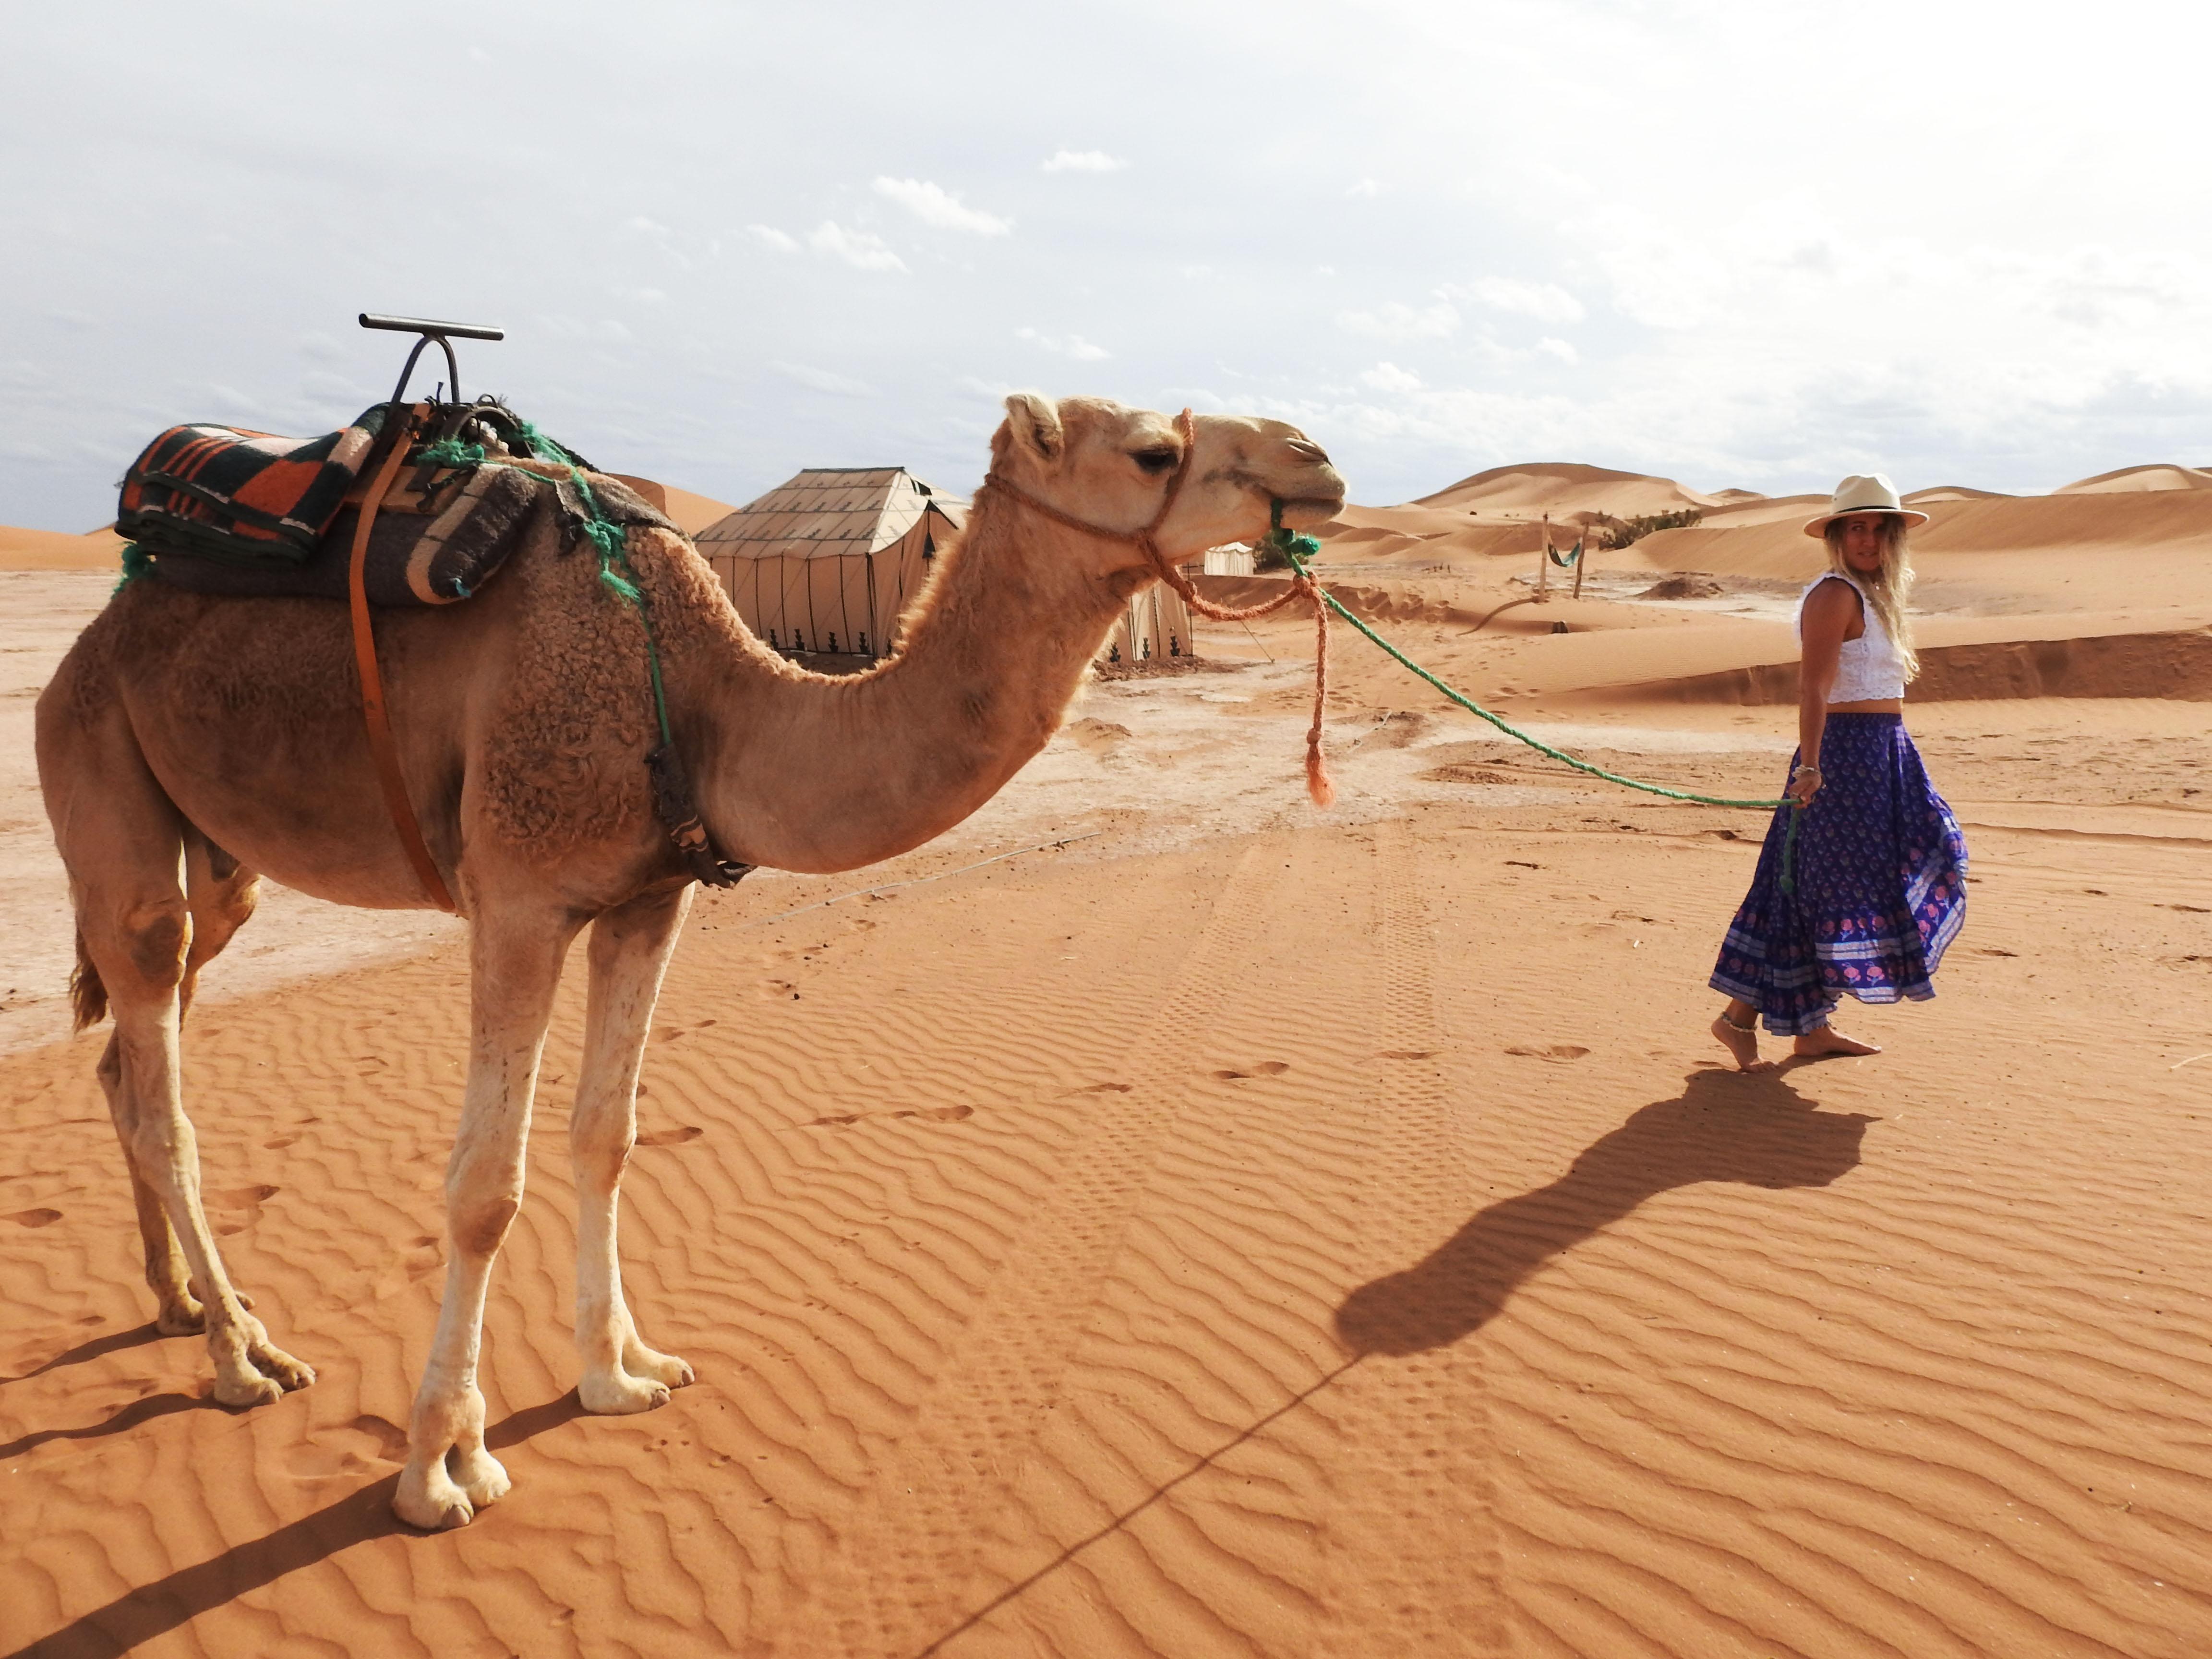 Cutest Camel